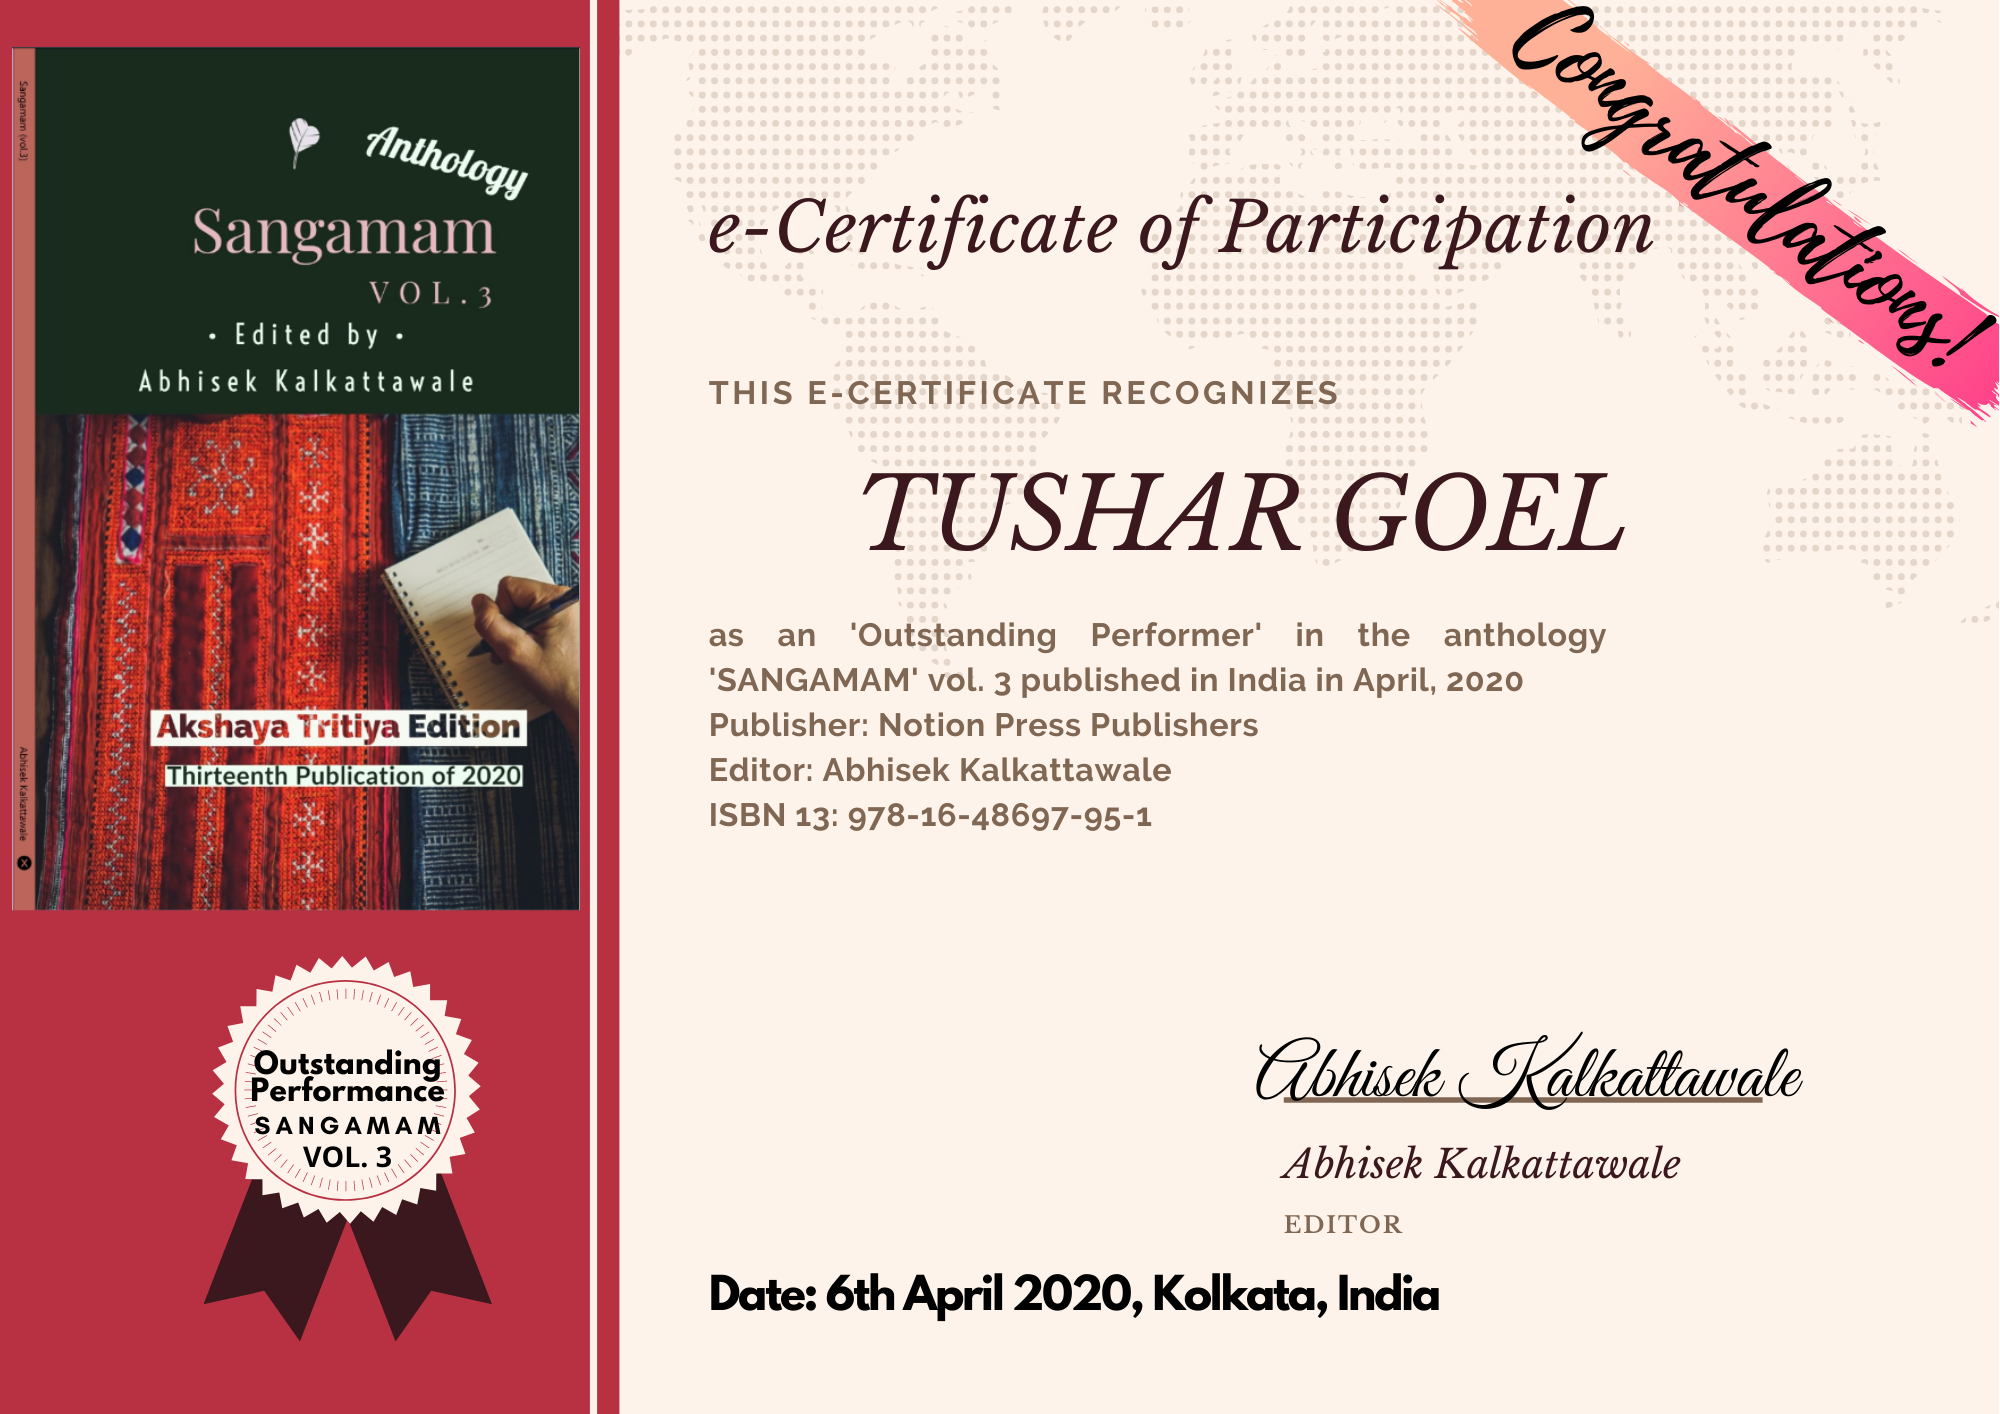 Tushar Goel